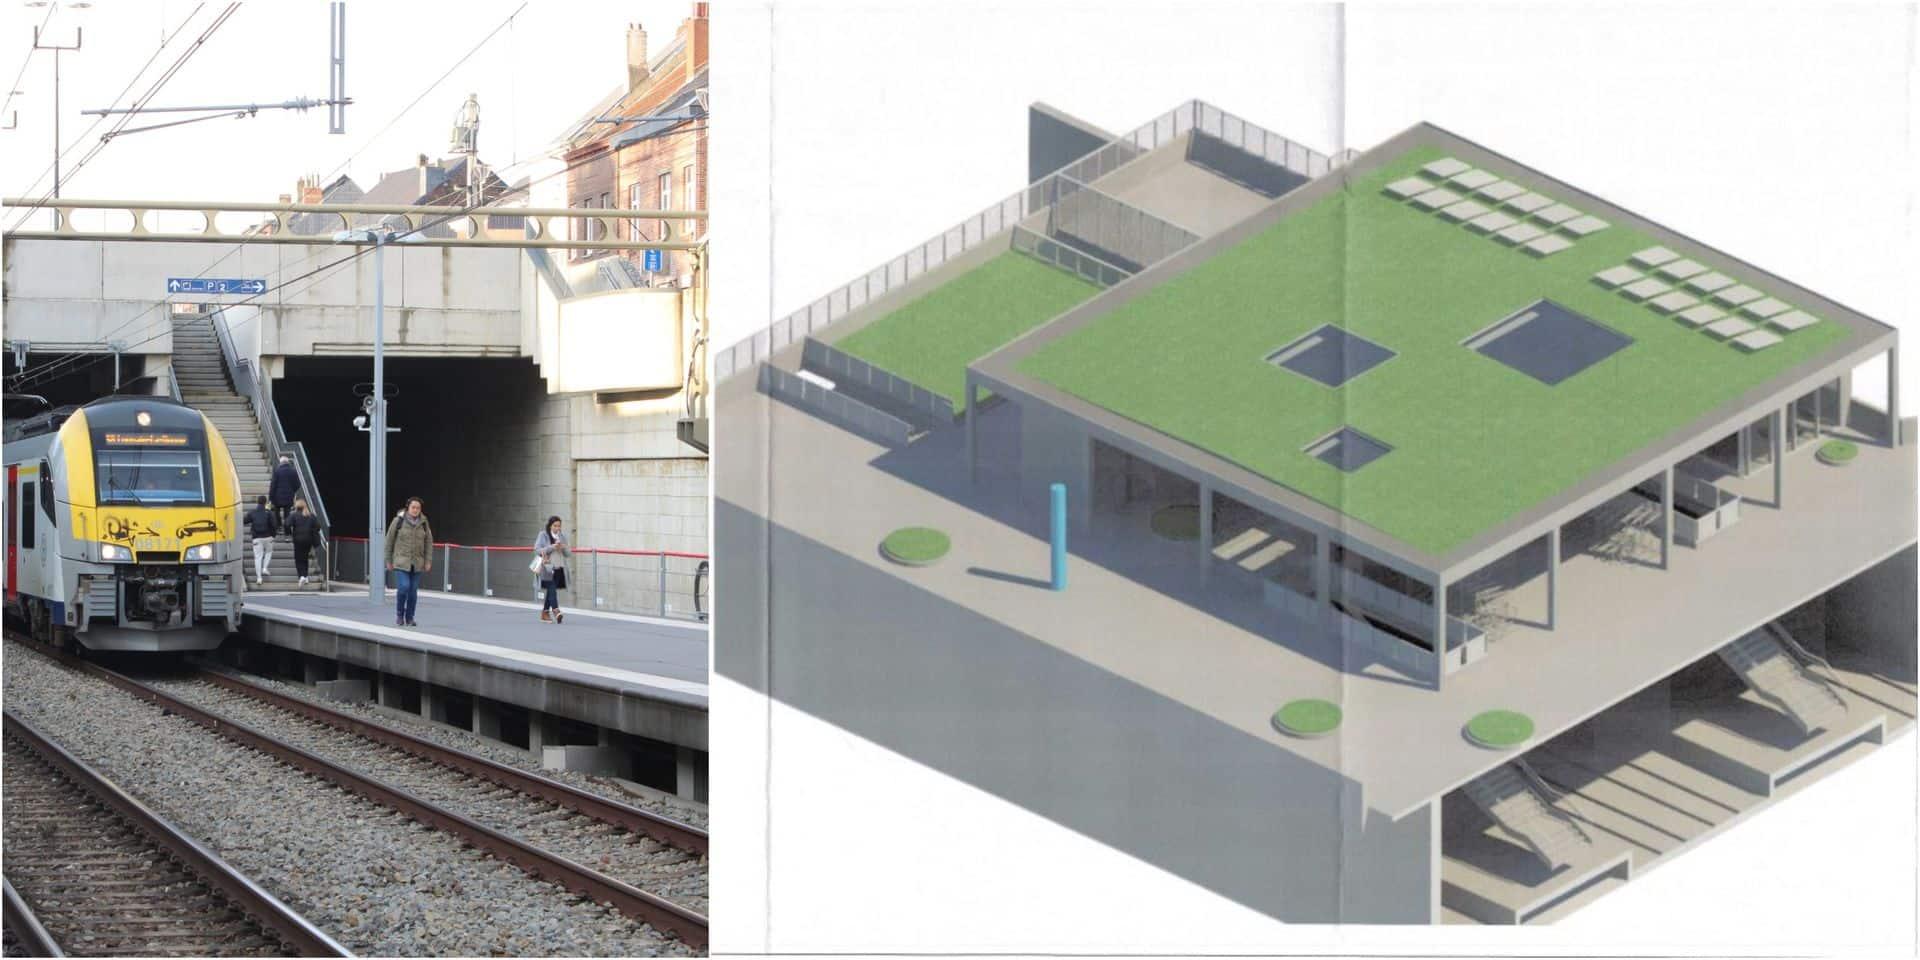 Un nouveau bâtiment voyageurs pour la gare de Rixensart